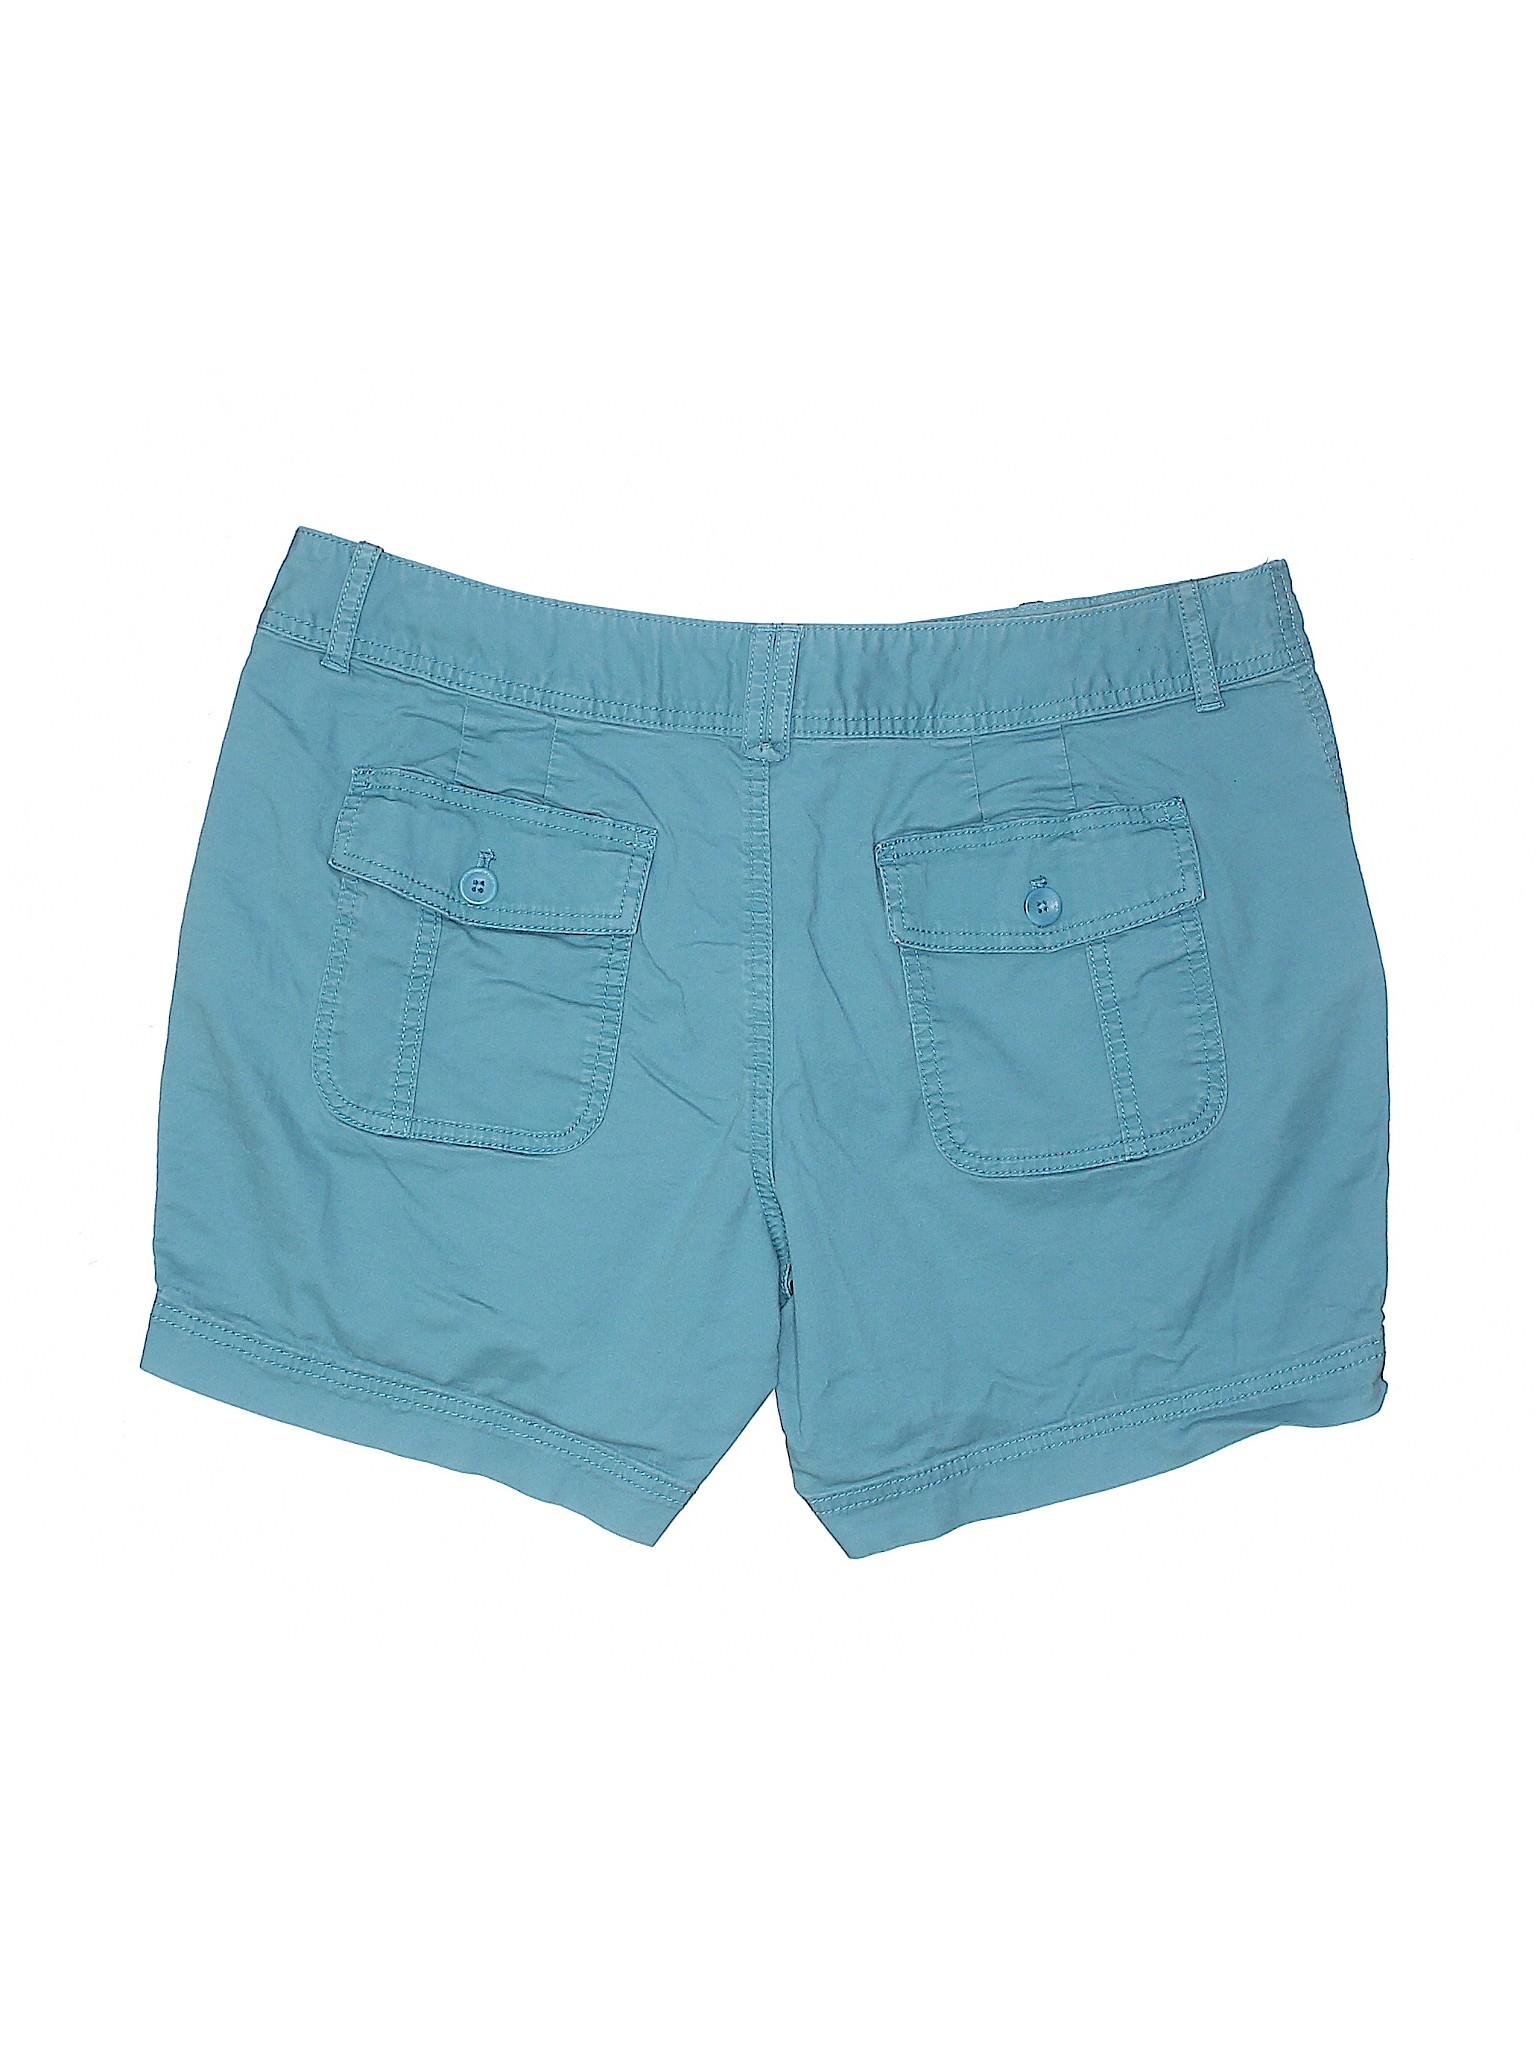 Shorts Eddie Bauer Khaki Boutique Bauer Boutique Eddie xnwqHzf0Y7